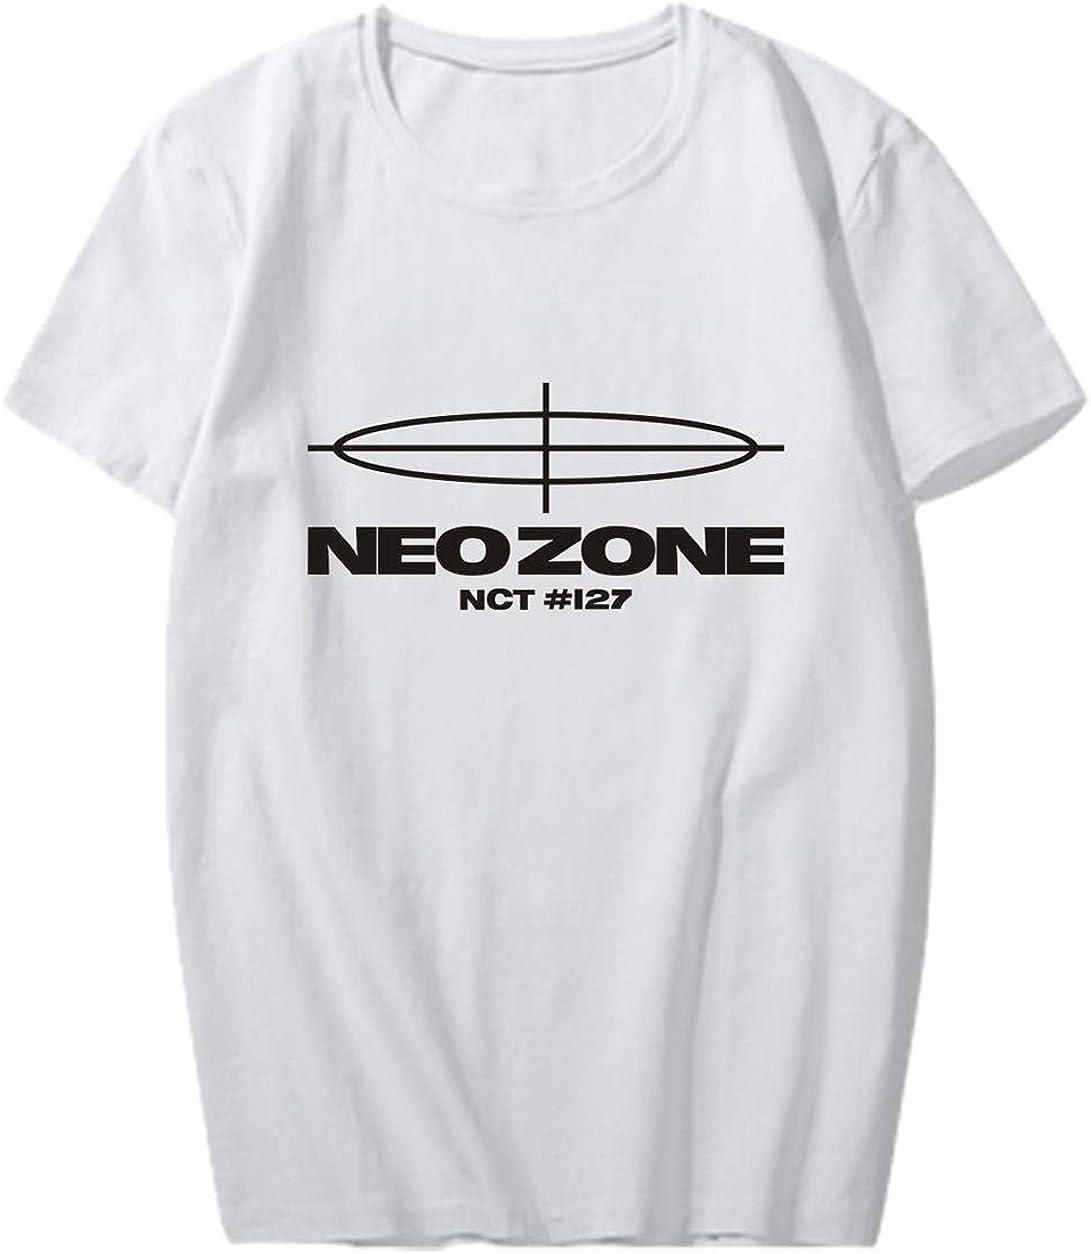 ACEFAST INC Kpop NCT127 Shirt Neo Zone T Shirt Taeyong Johnny Mark Jaehyun Doyoung Tour Tee Shirt